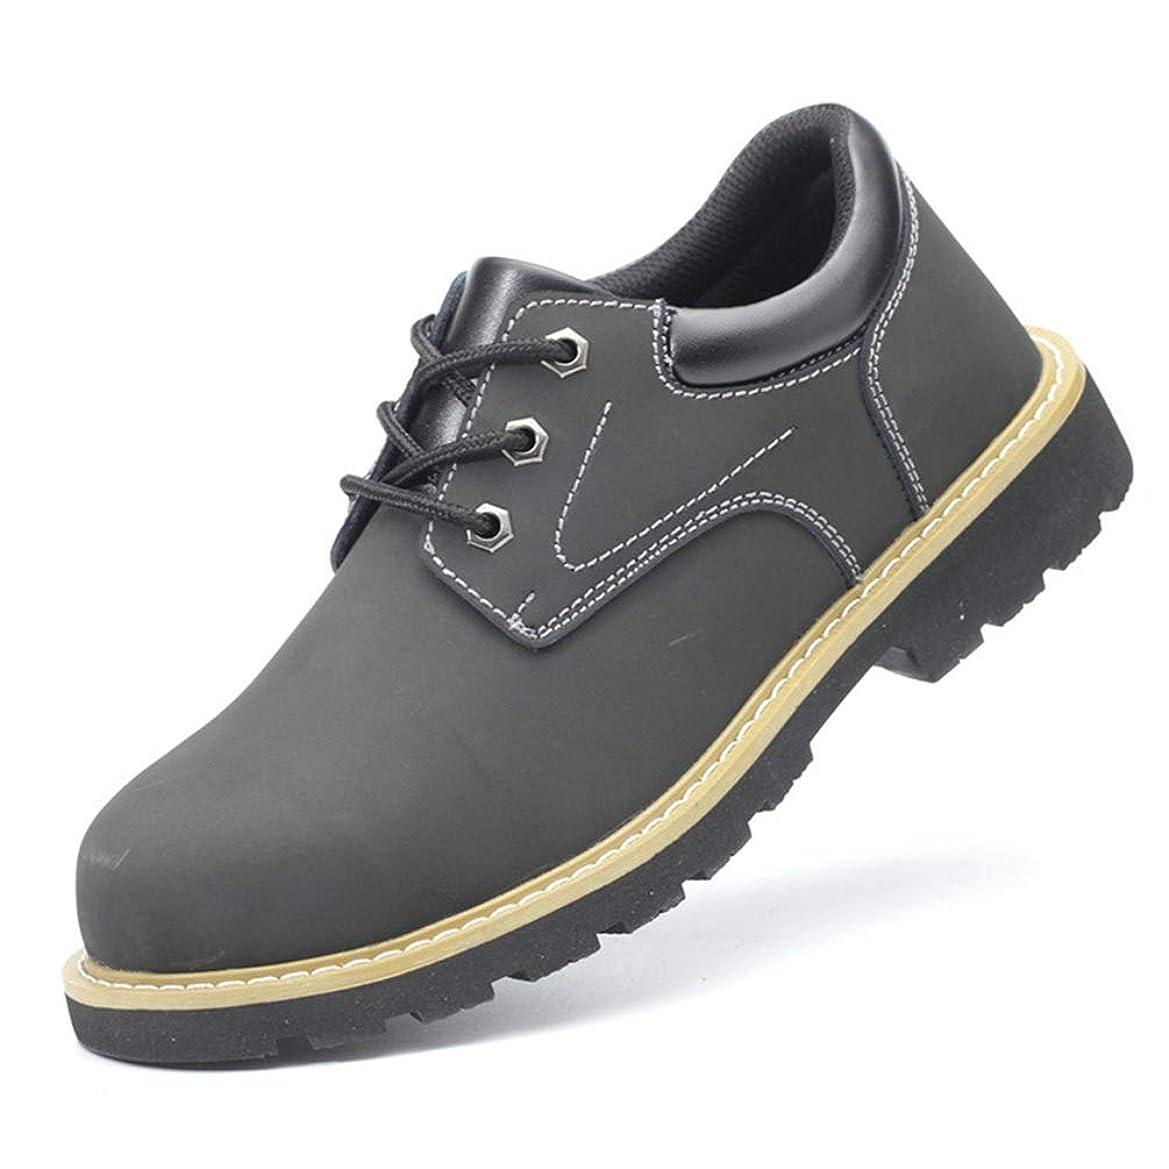 首謀者家禽鉄ワークシューズ 作業靴 保護靴 セーフティシューズ メンズ 四季通用 ローカット 安全 耐酸 耐アルカリ つま先保護 鋼先芯 滑り止め加工 耐衝撃 パンチング加工 歩きやすい 革 ブラック イエローオーカー